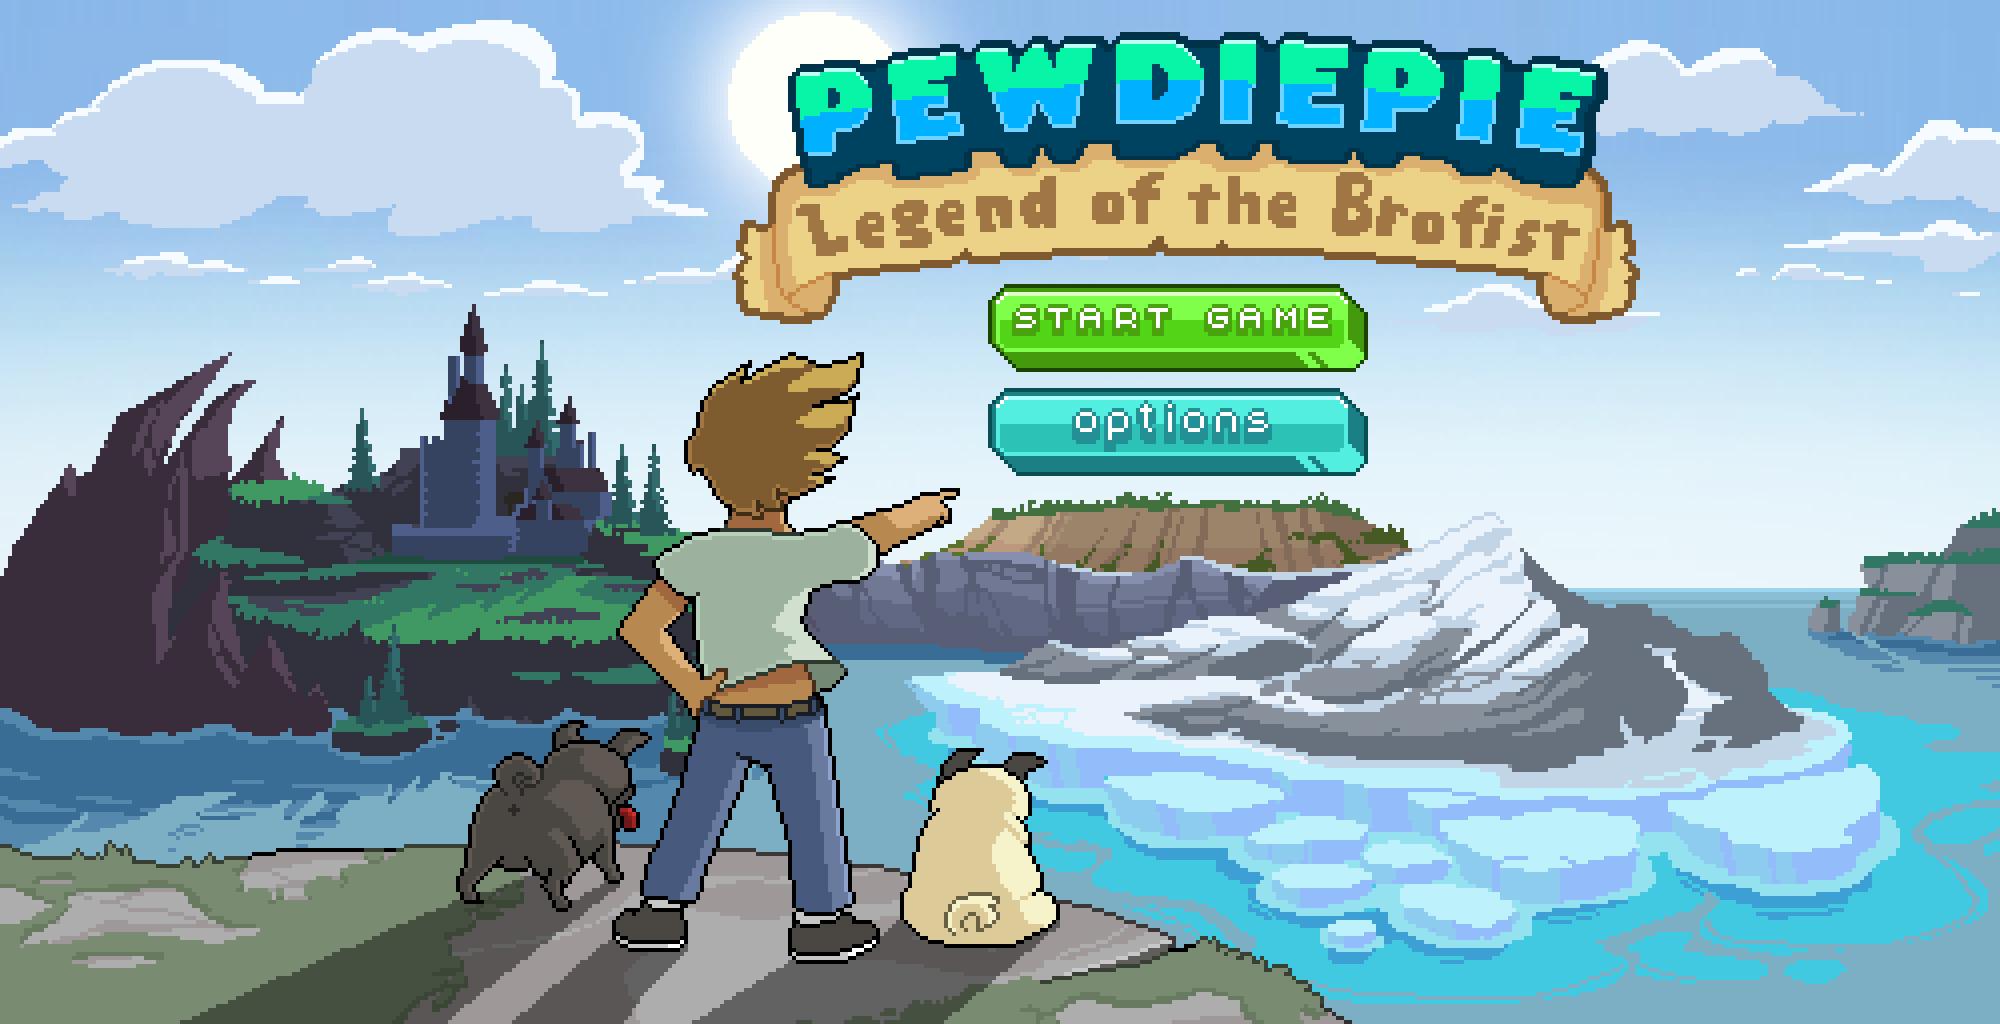 pewdiepie game screen Nous avons testé pour vous PewDiePie: Legend of the Brofist